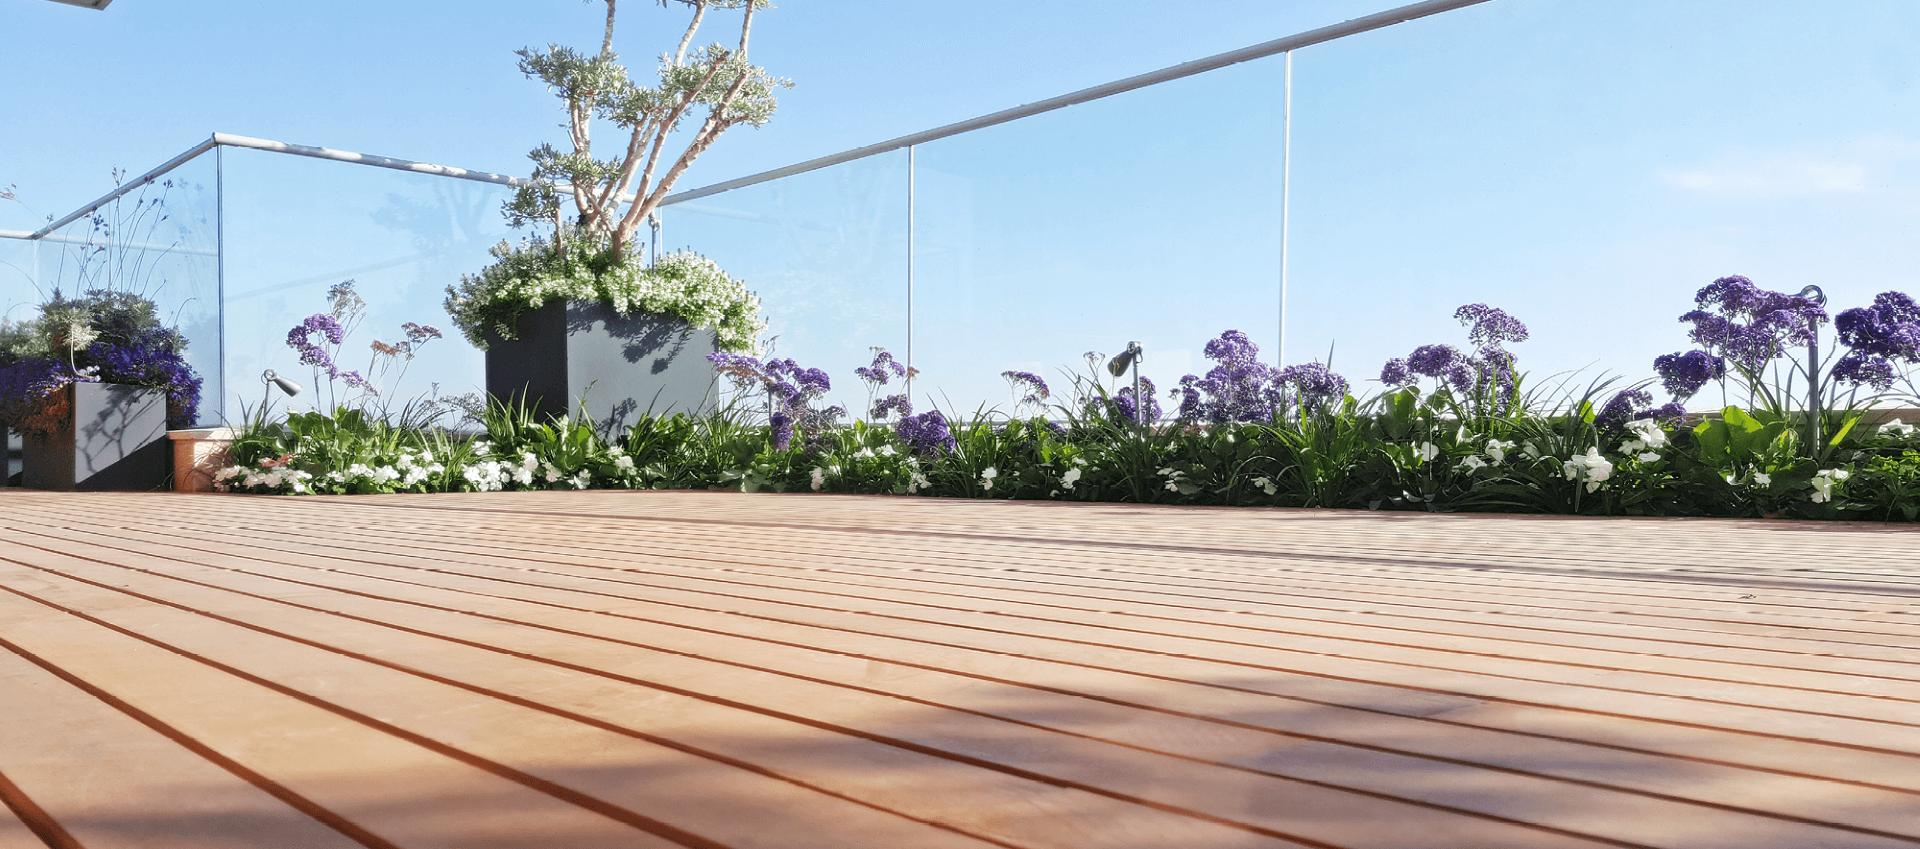 דק בהיר בגינת גג מעוצבת